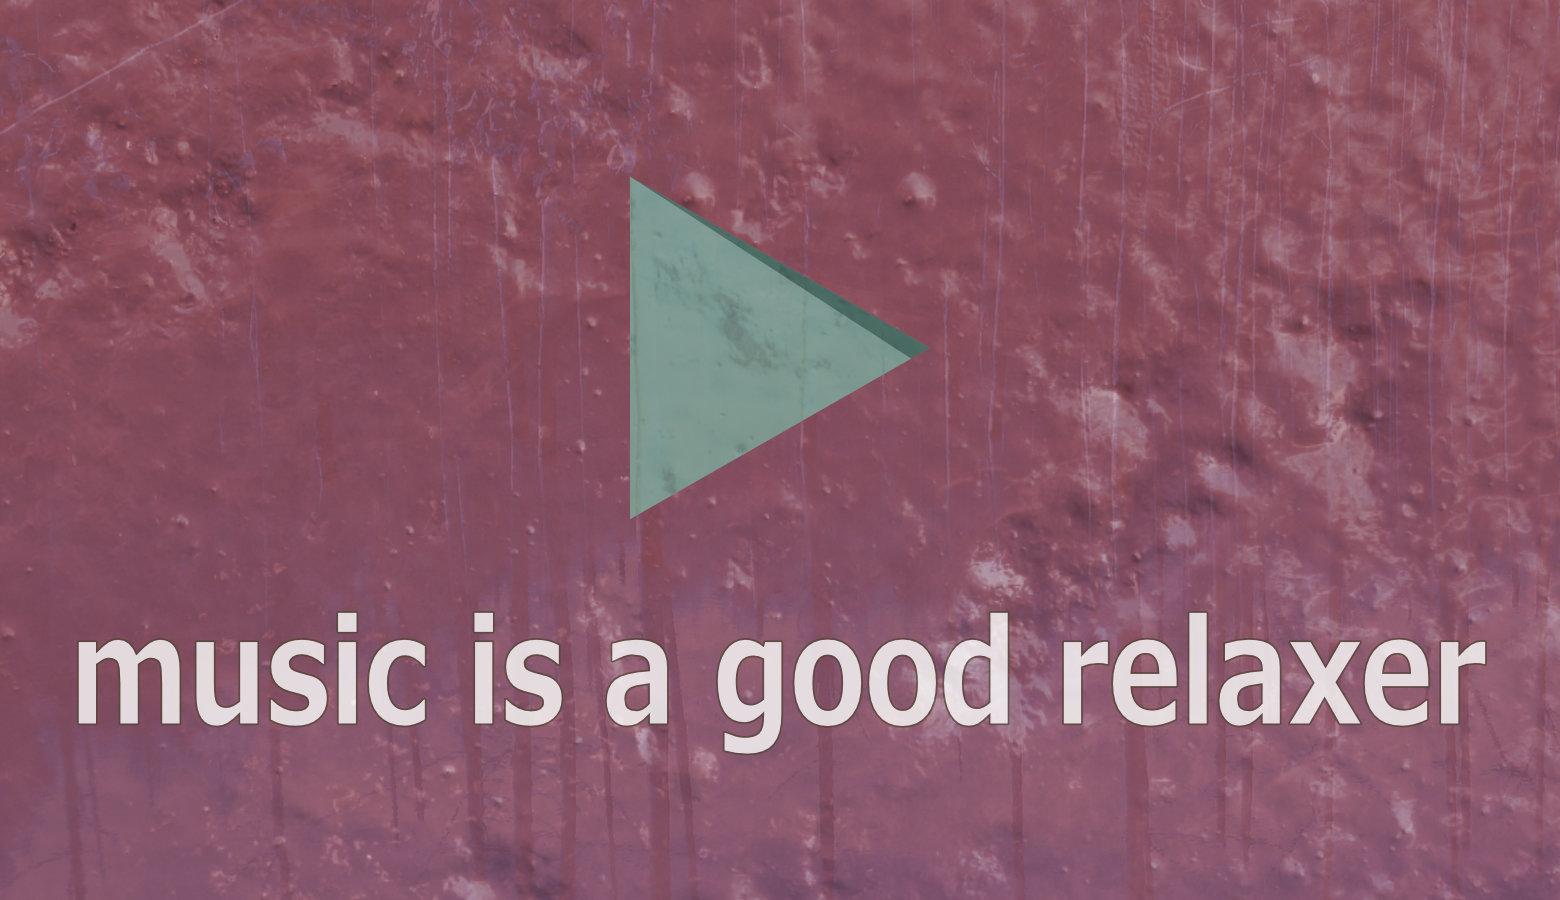 リラックスしながら勉強や仕事の効率を上げる音楽をYouTubeで聴く【その4】